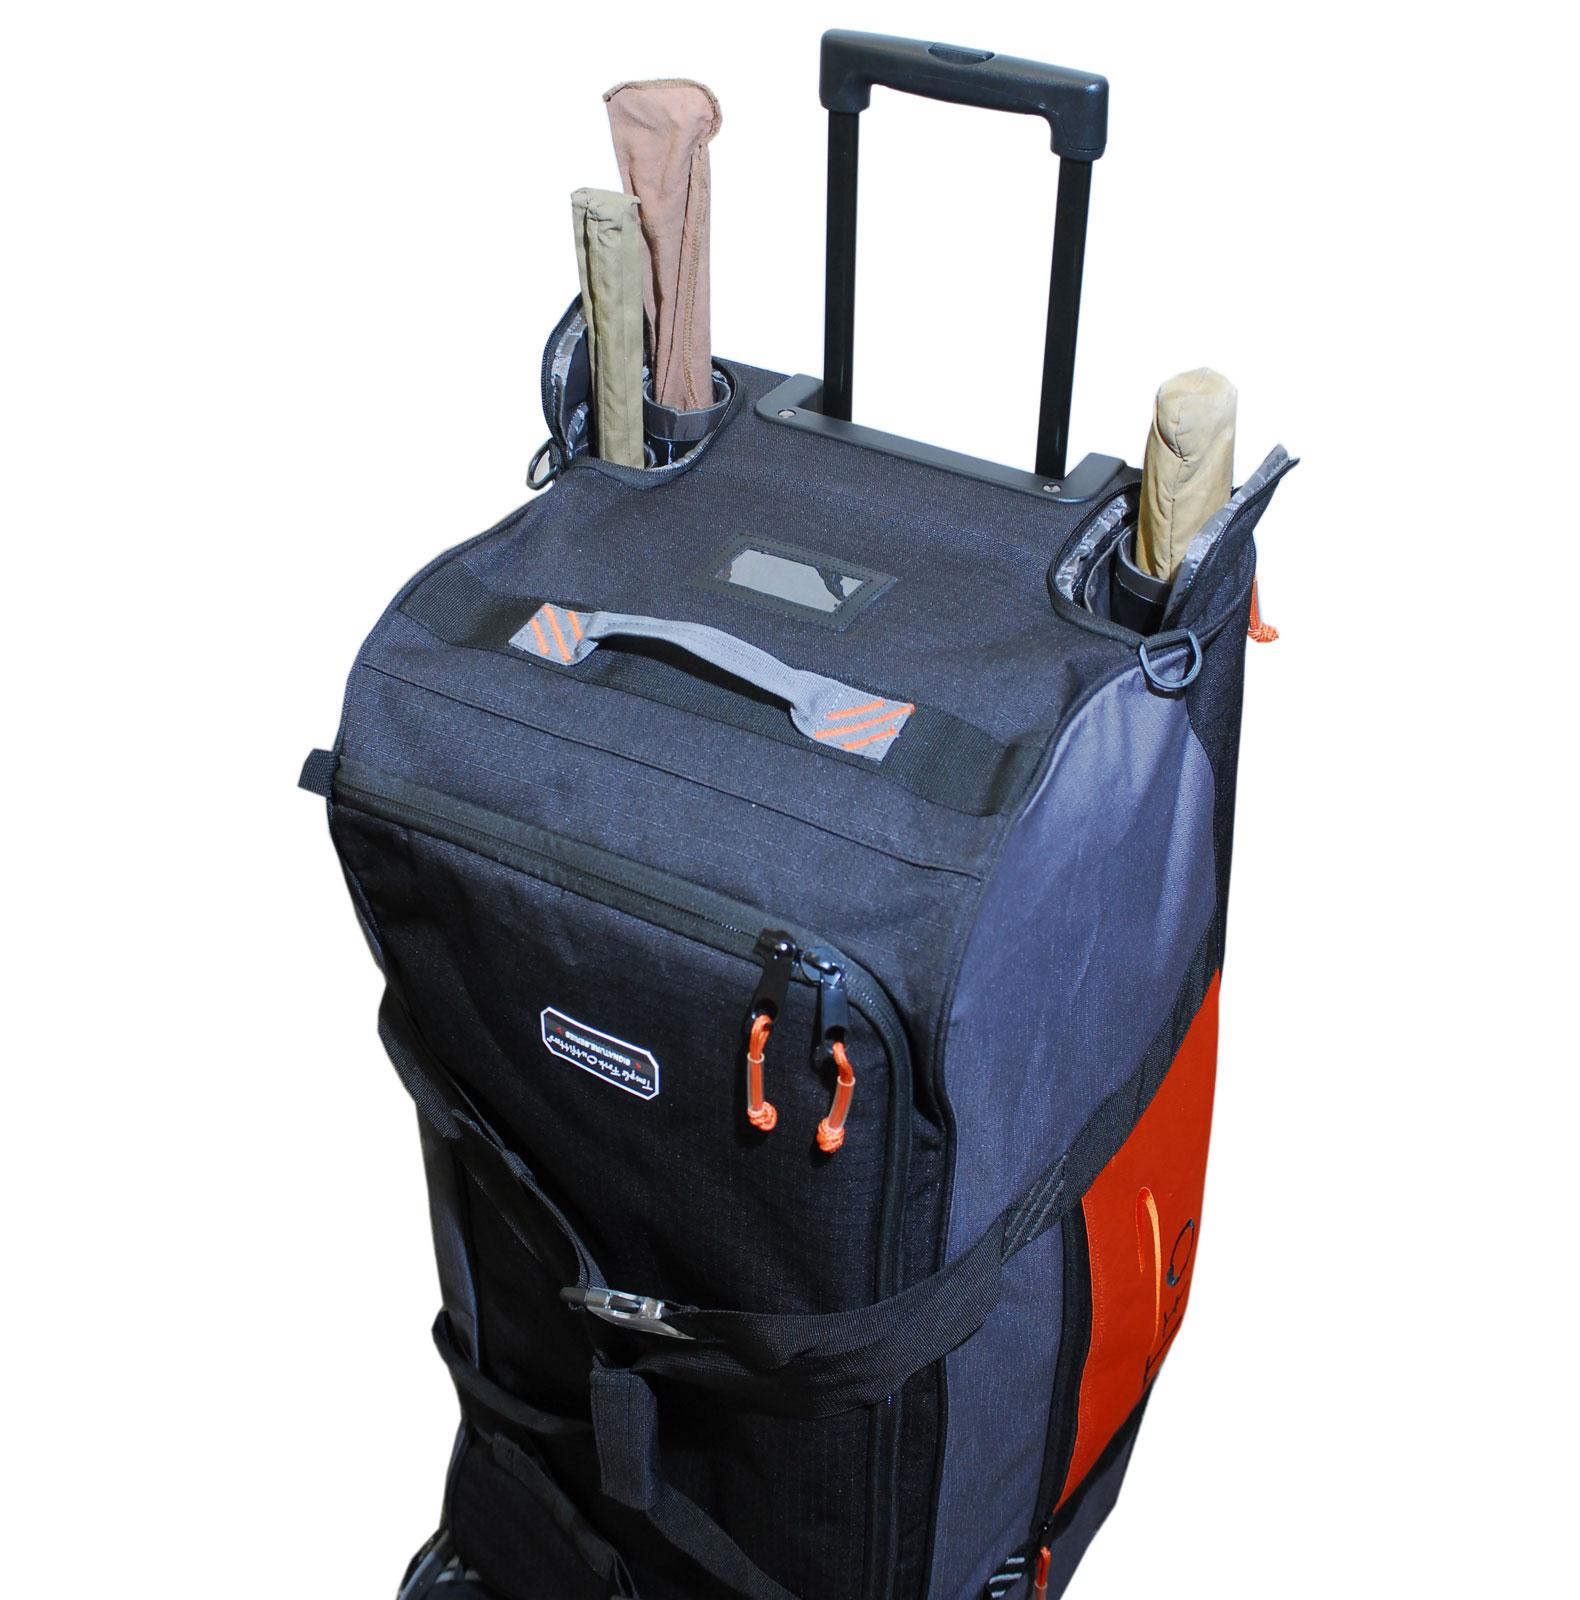 Tfo Large Rolling Fly Cargo Bag Fishing Luggage Wheeled